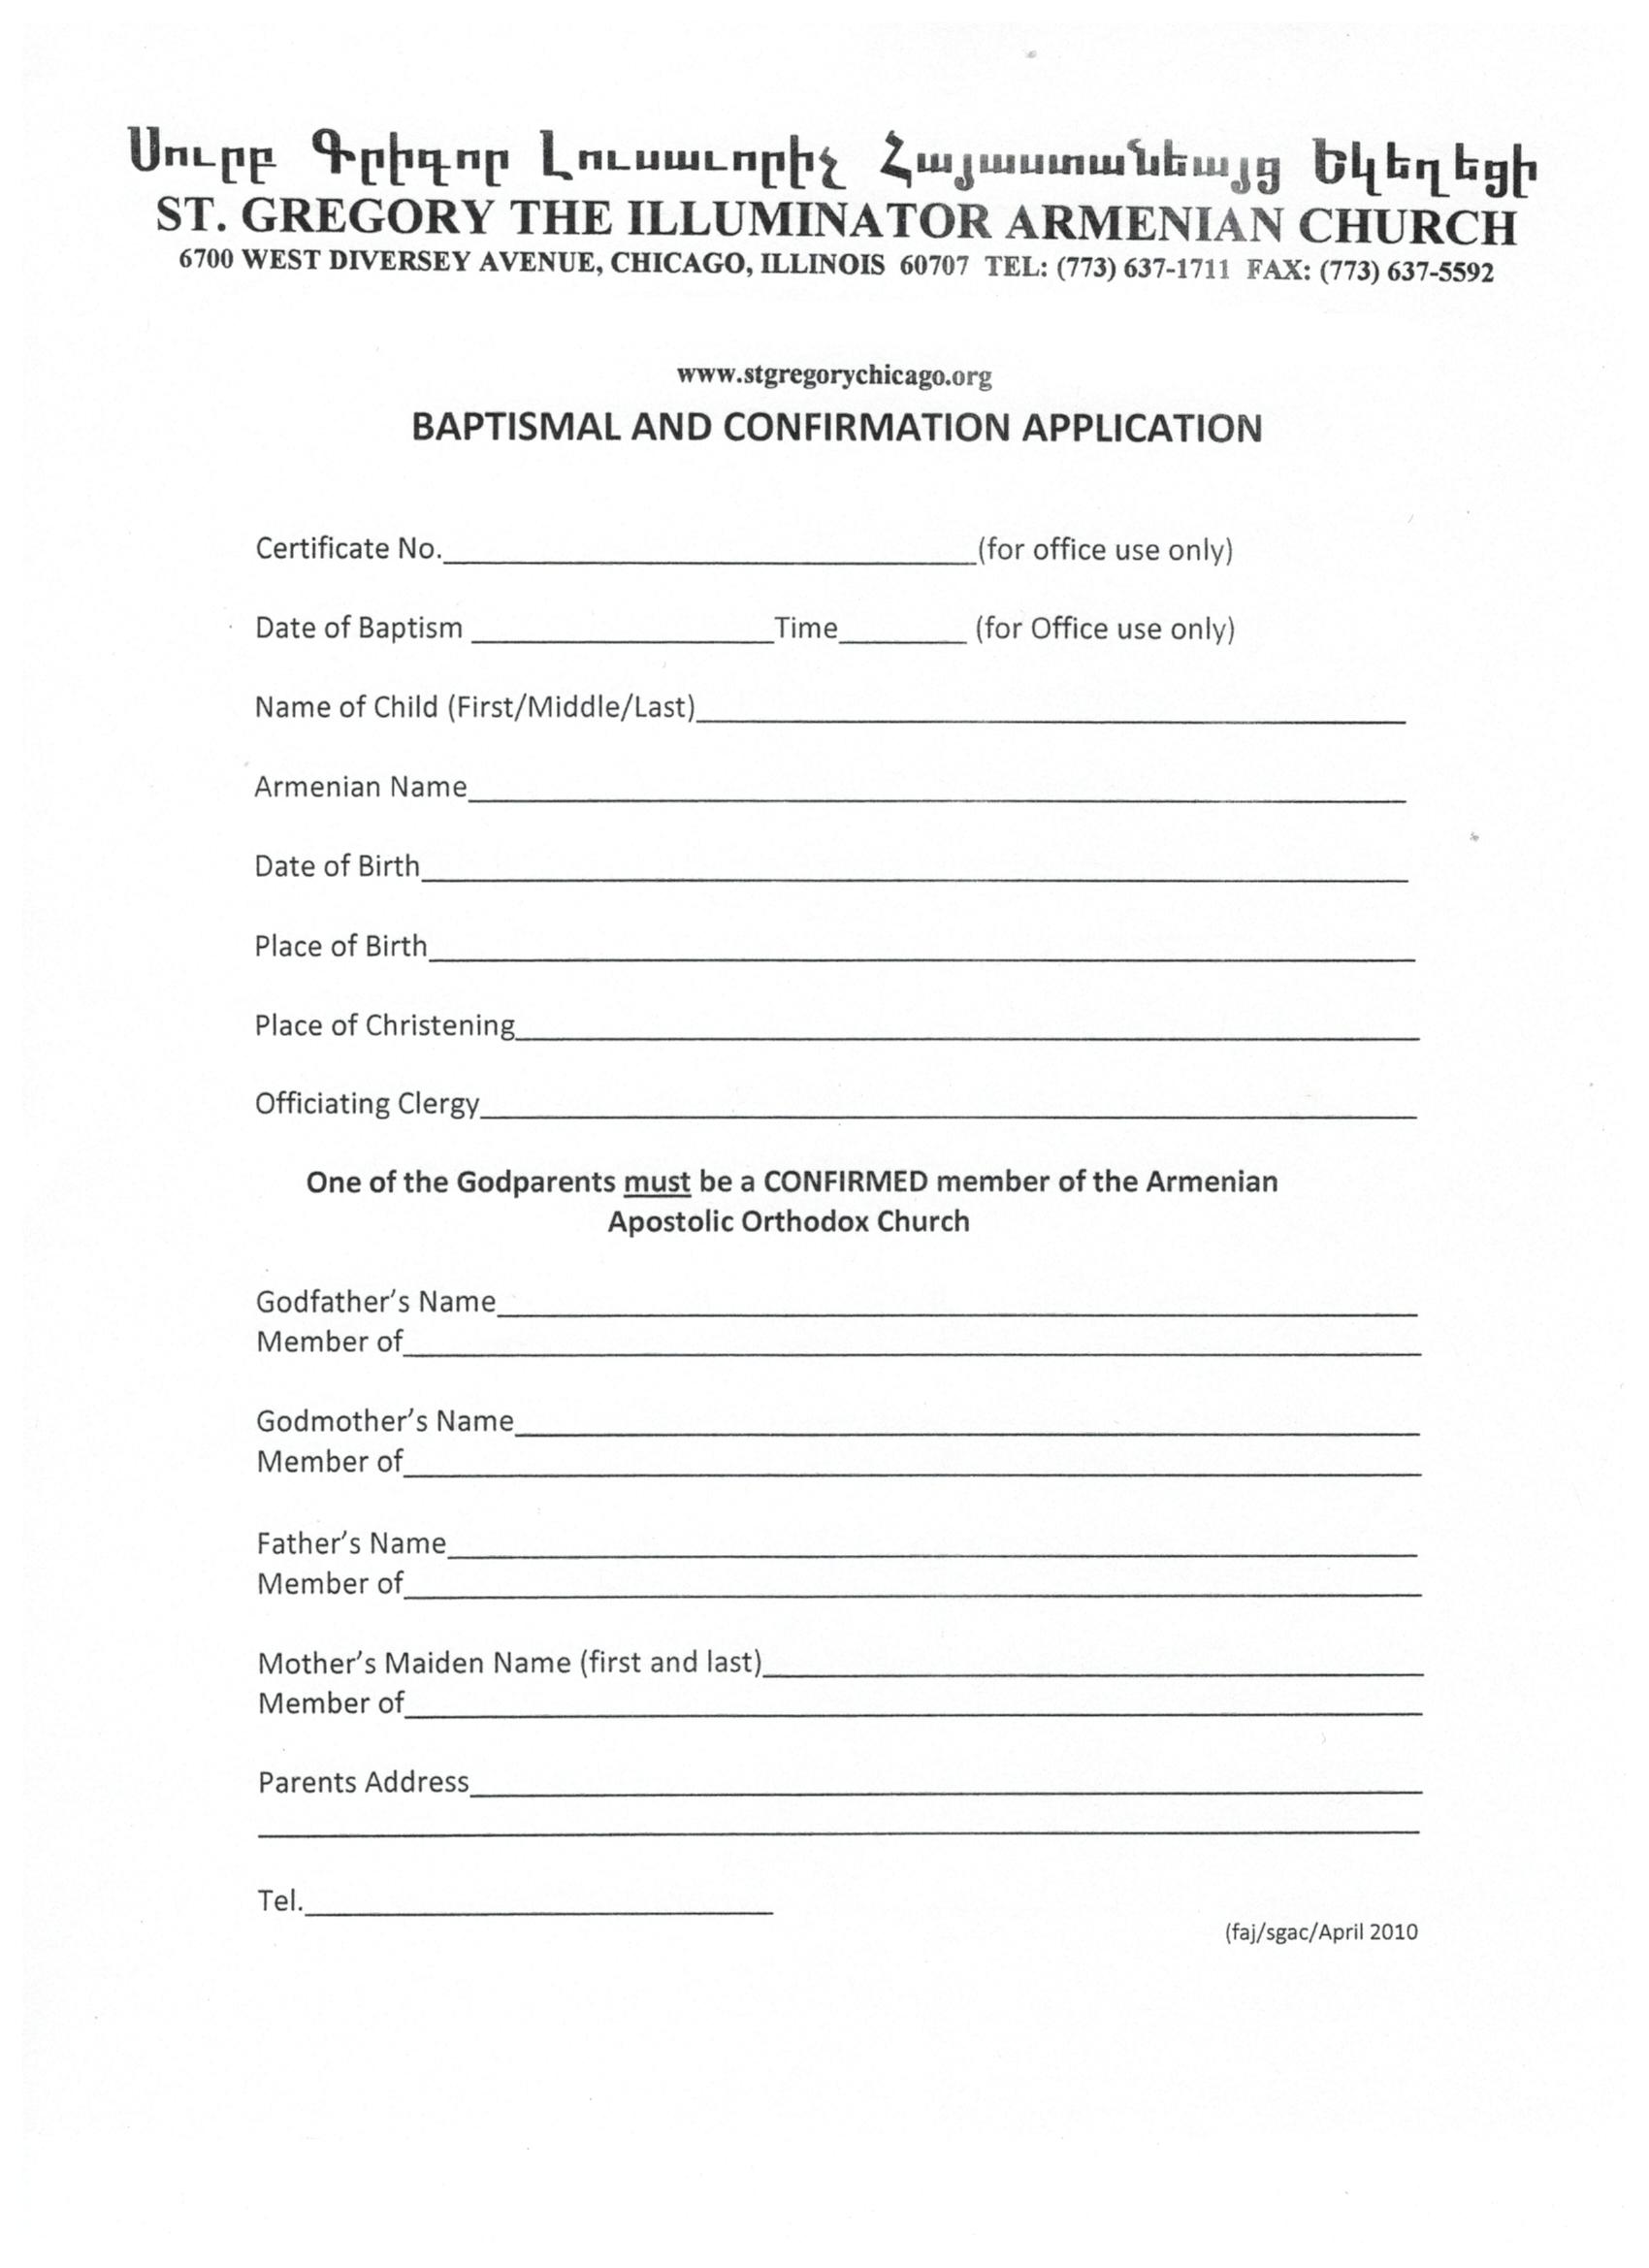 baptismal application.jpg